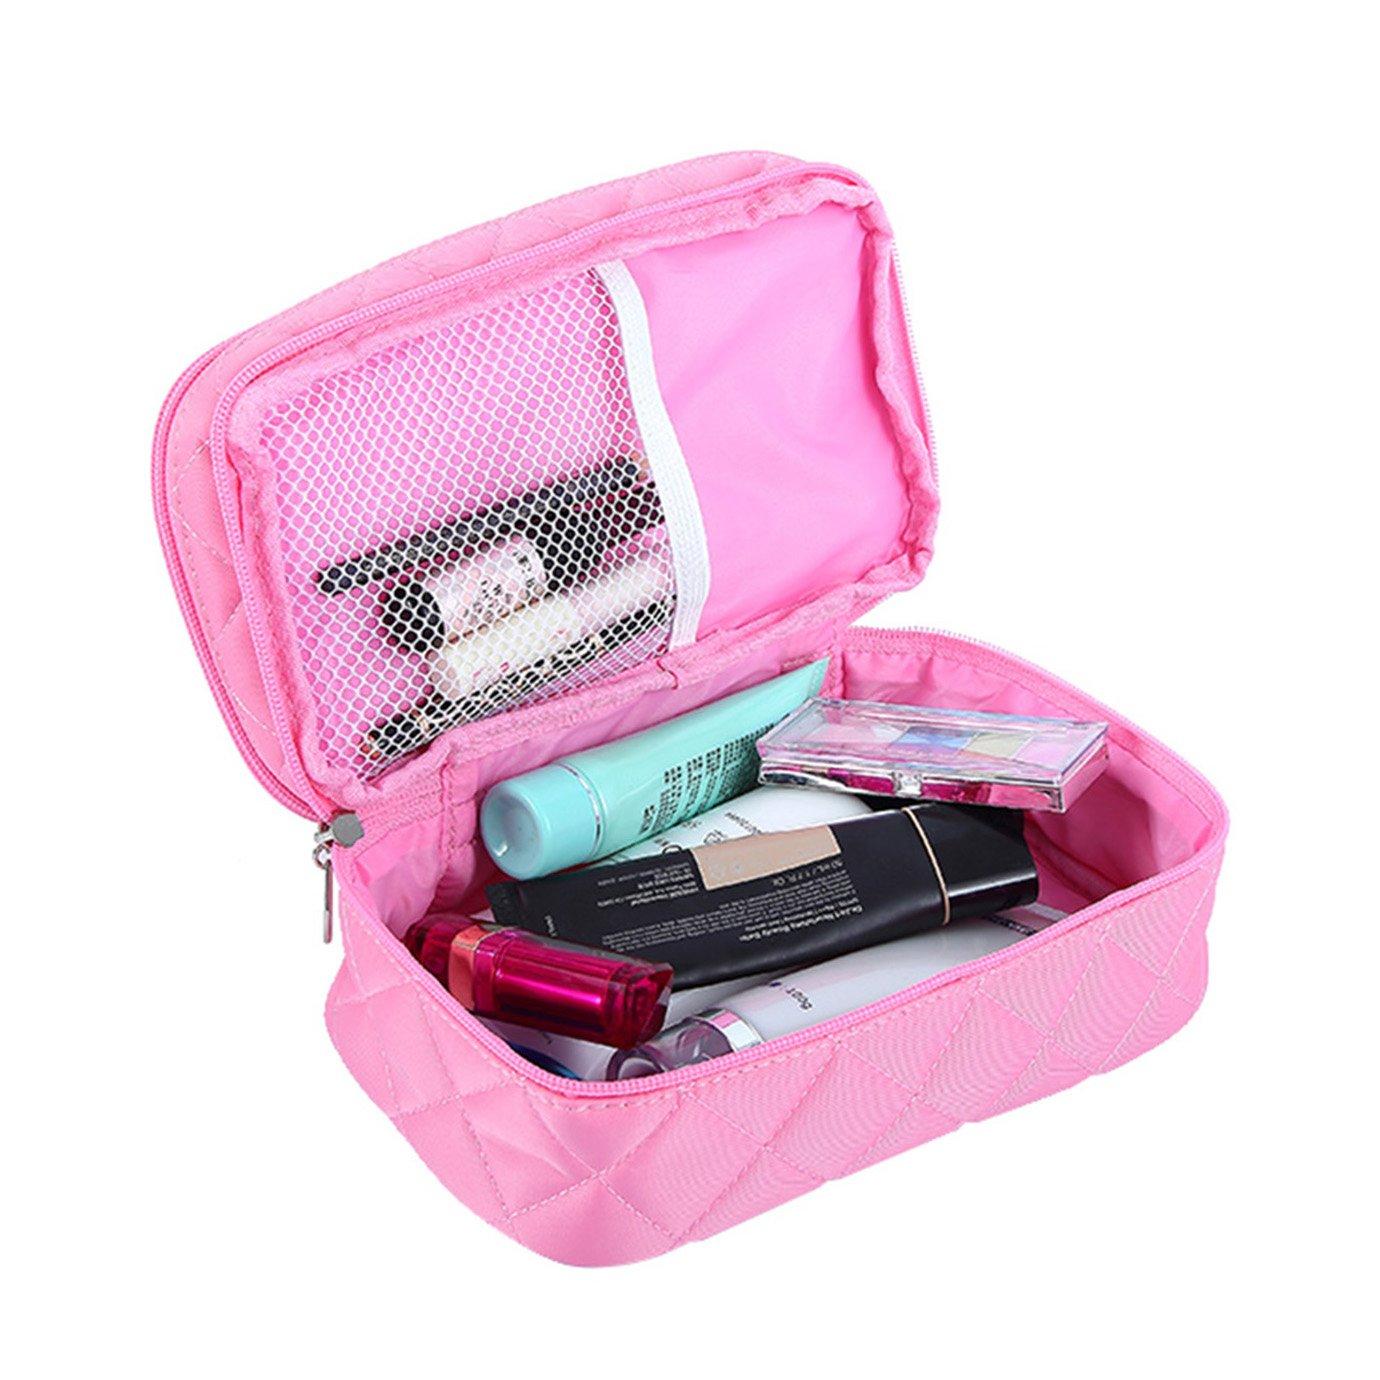 Amazon.com: Bolsa de maquillaje de doble cara HOYOFO para ...